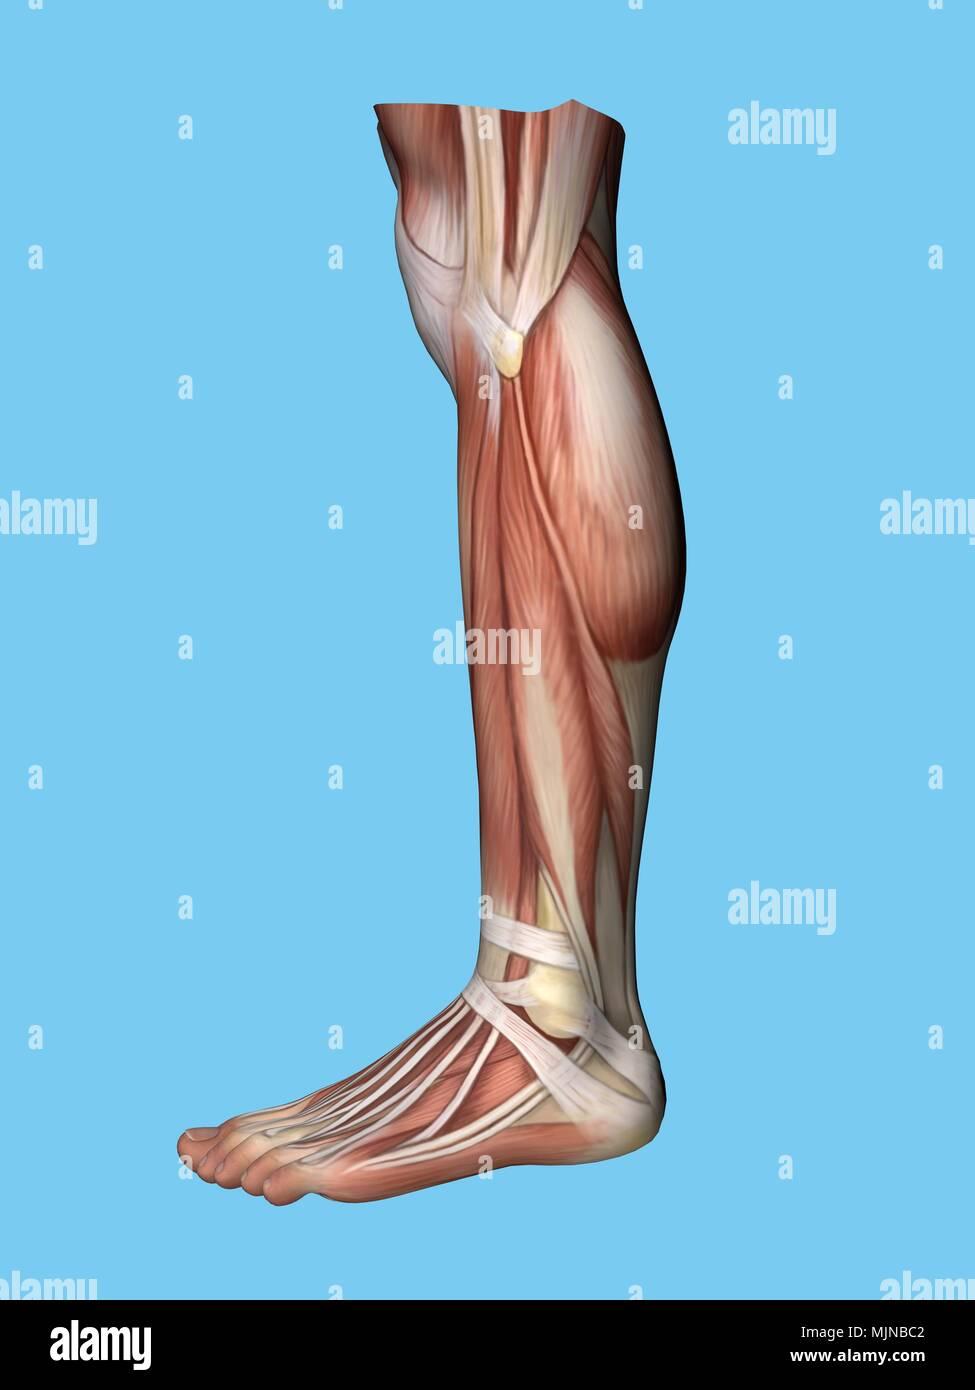 Fantástico Anatomía Del Pie De Cerdo Imágenes - Anatomía de Las ...